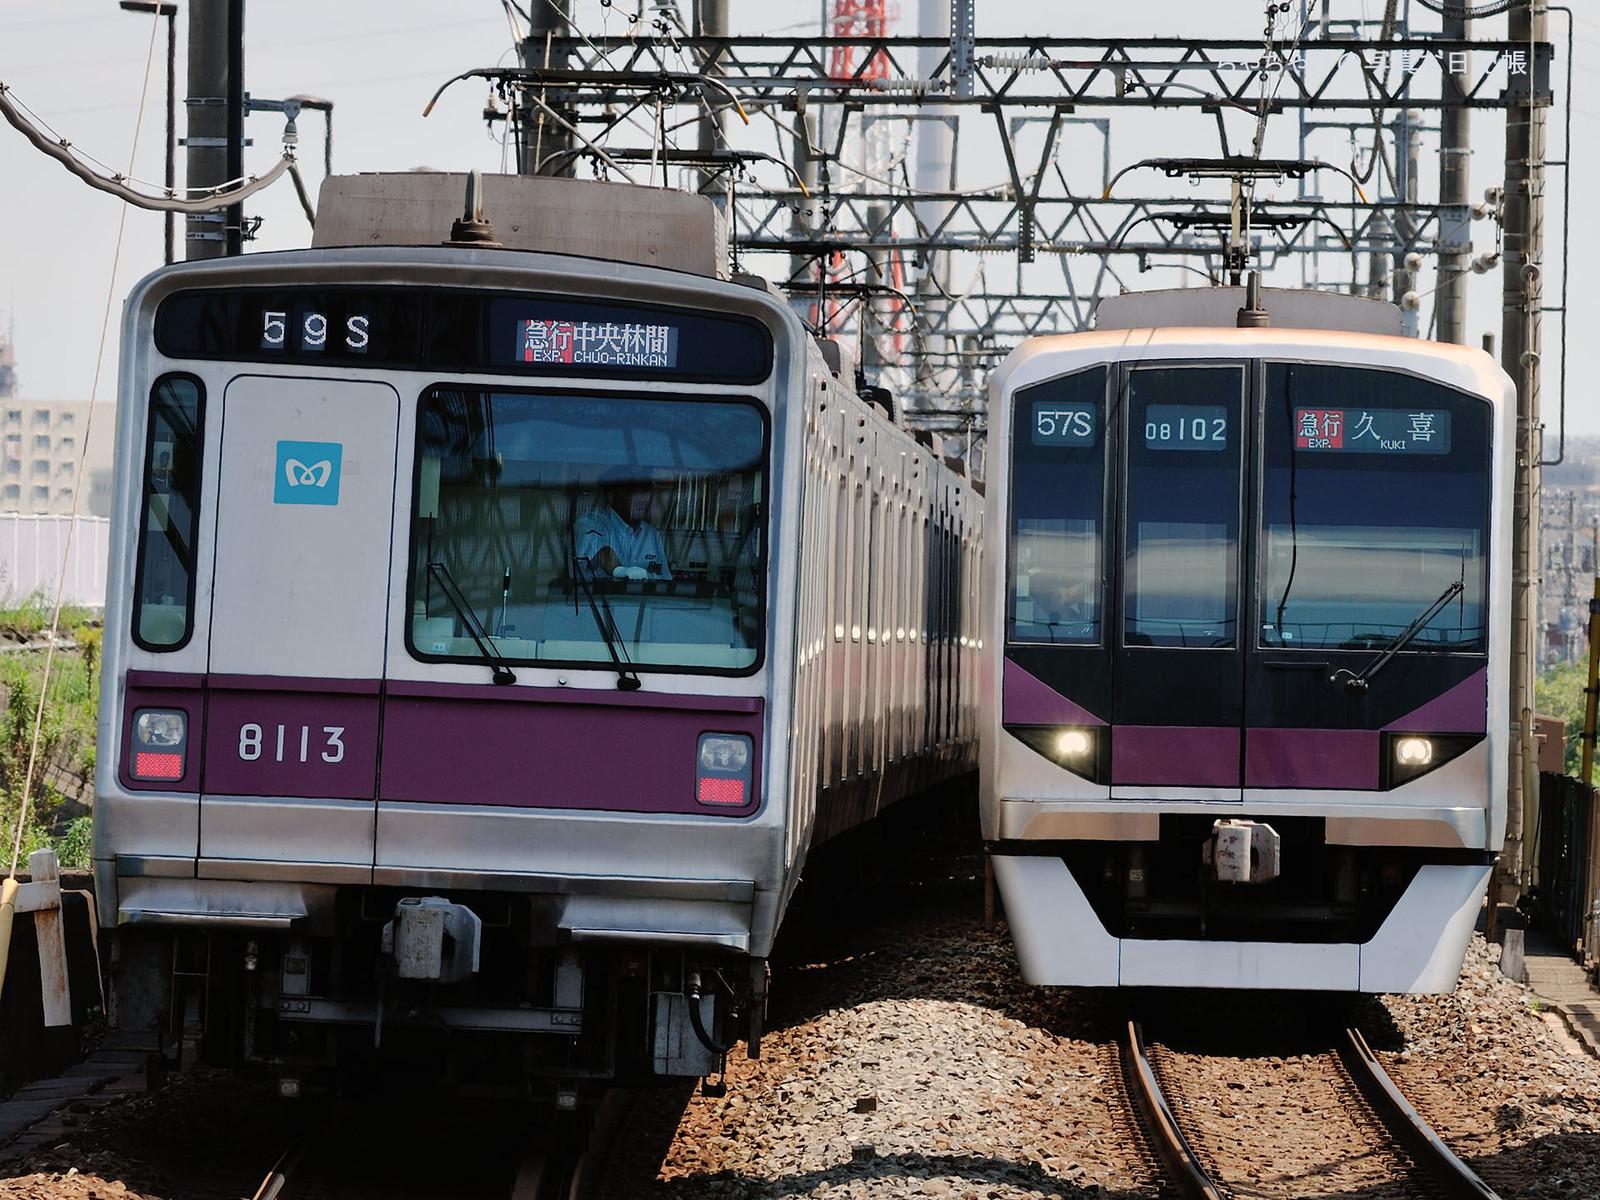 東京メトロ8000系 59ゥ 13編成 , 08系 57ゥ 02編成